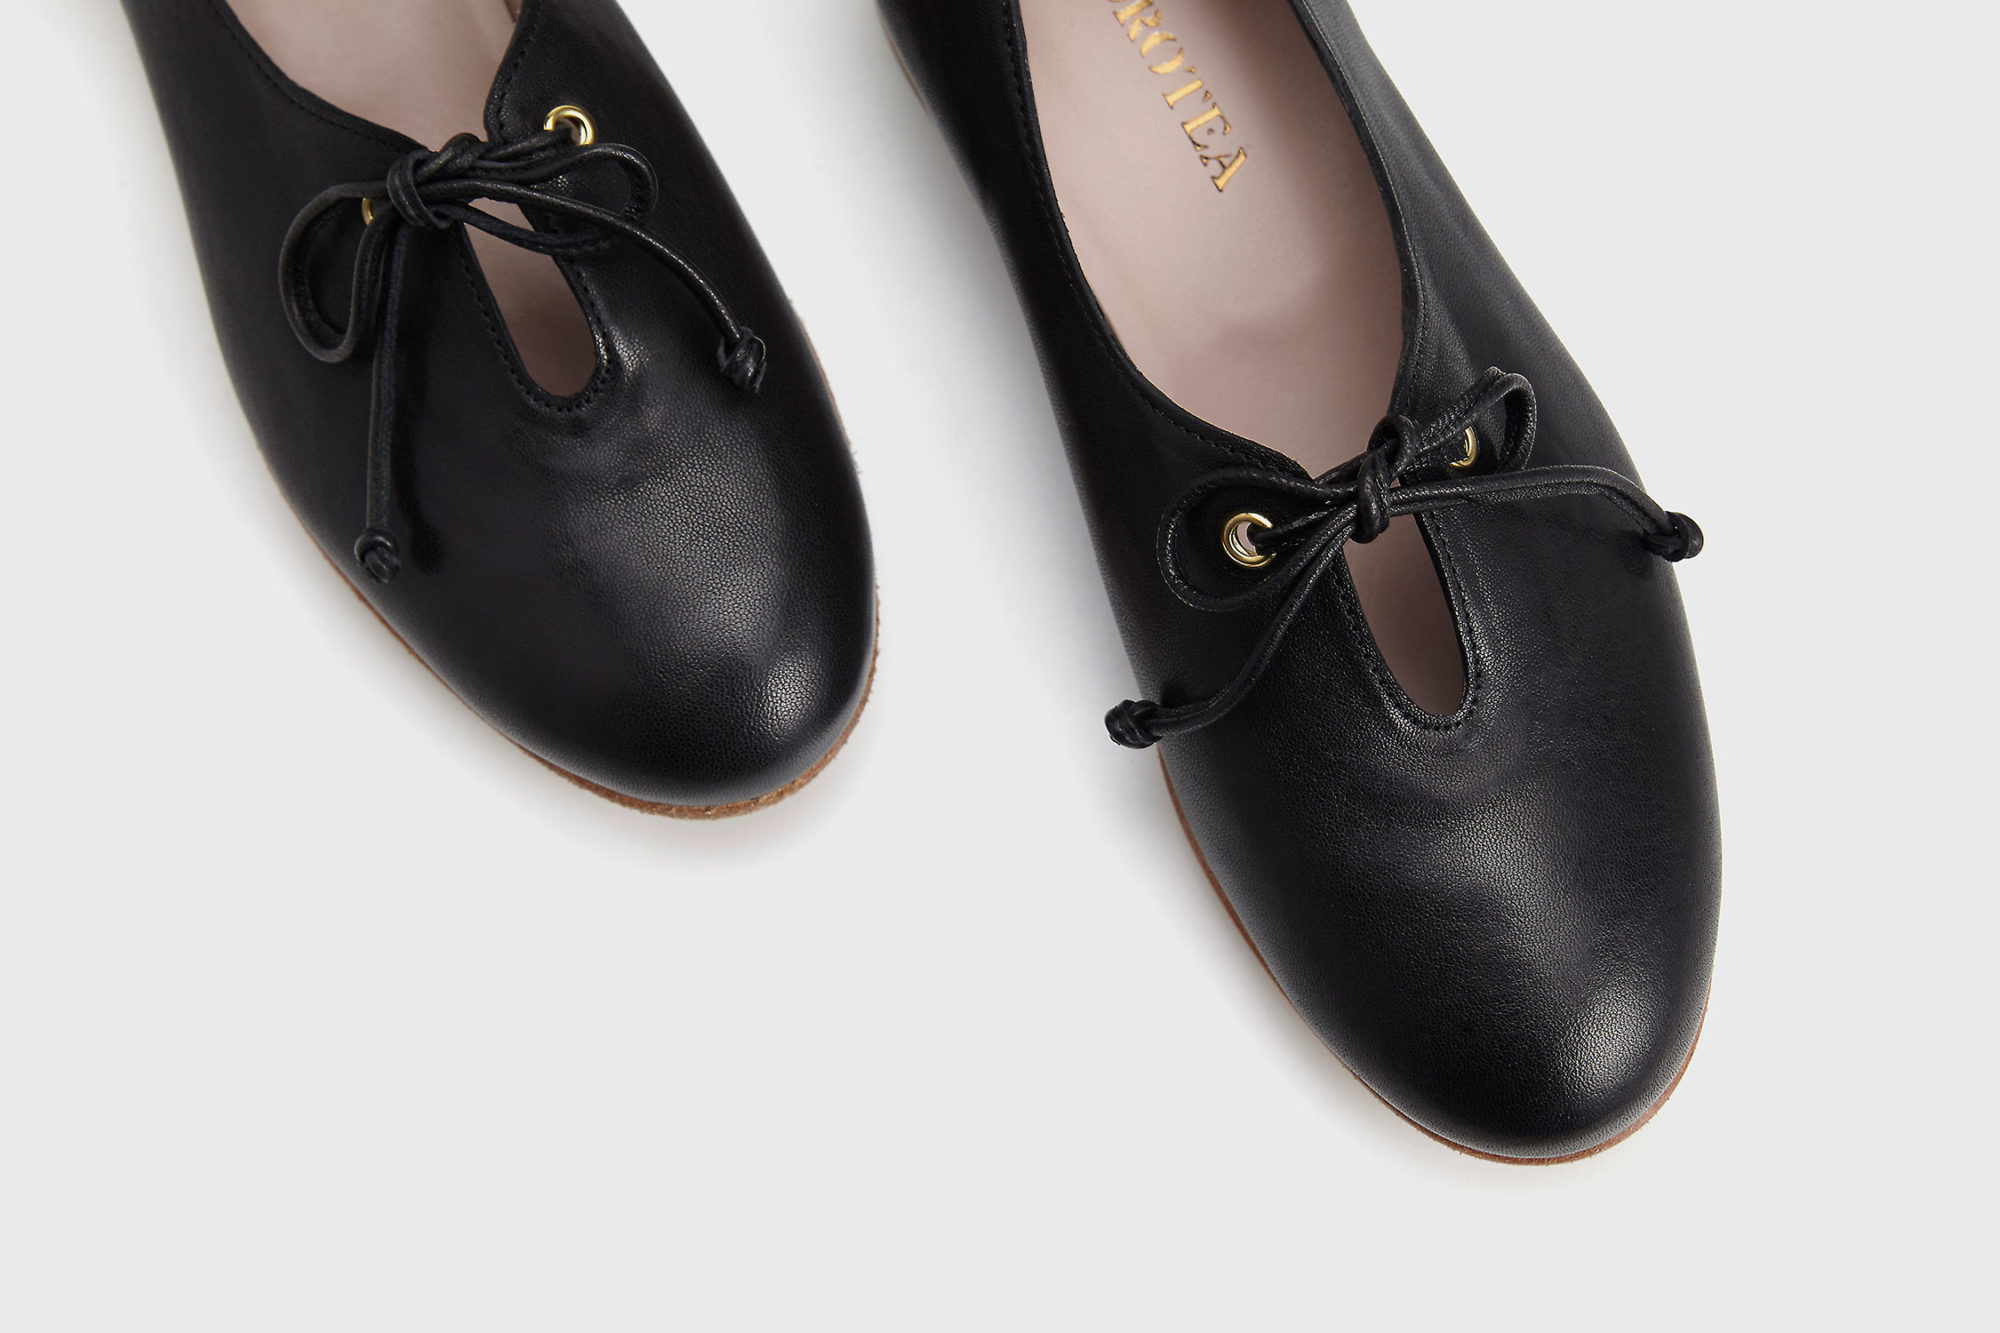 Dorotea zapato de cordones Carrie negro ss17 detalle